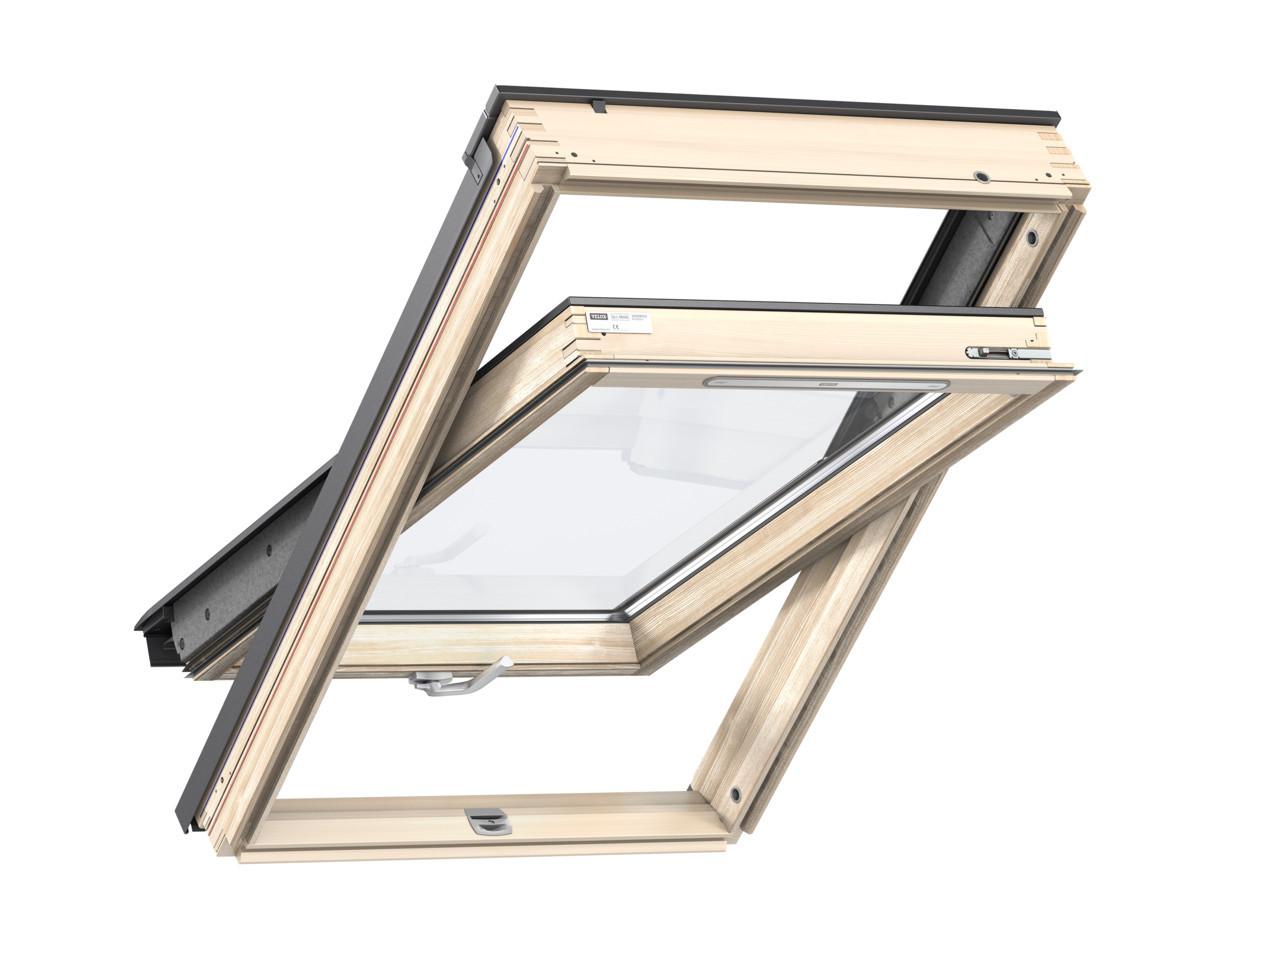 Мансардне вікно двокамерне Velux GLL 1061 B/ GLL 1061 ручка зверху або знизу Двухкамерные окна Велюкс